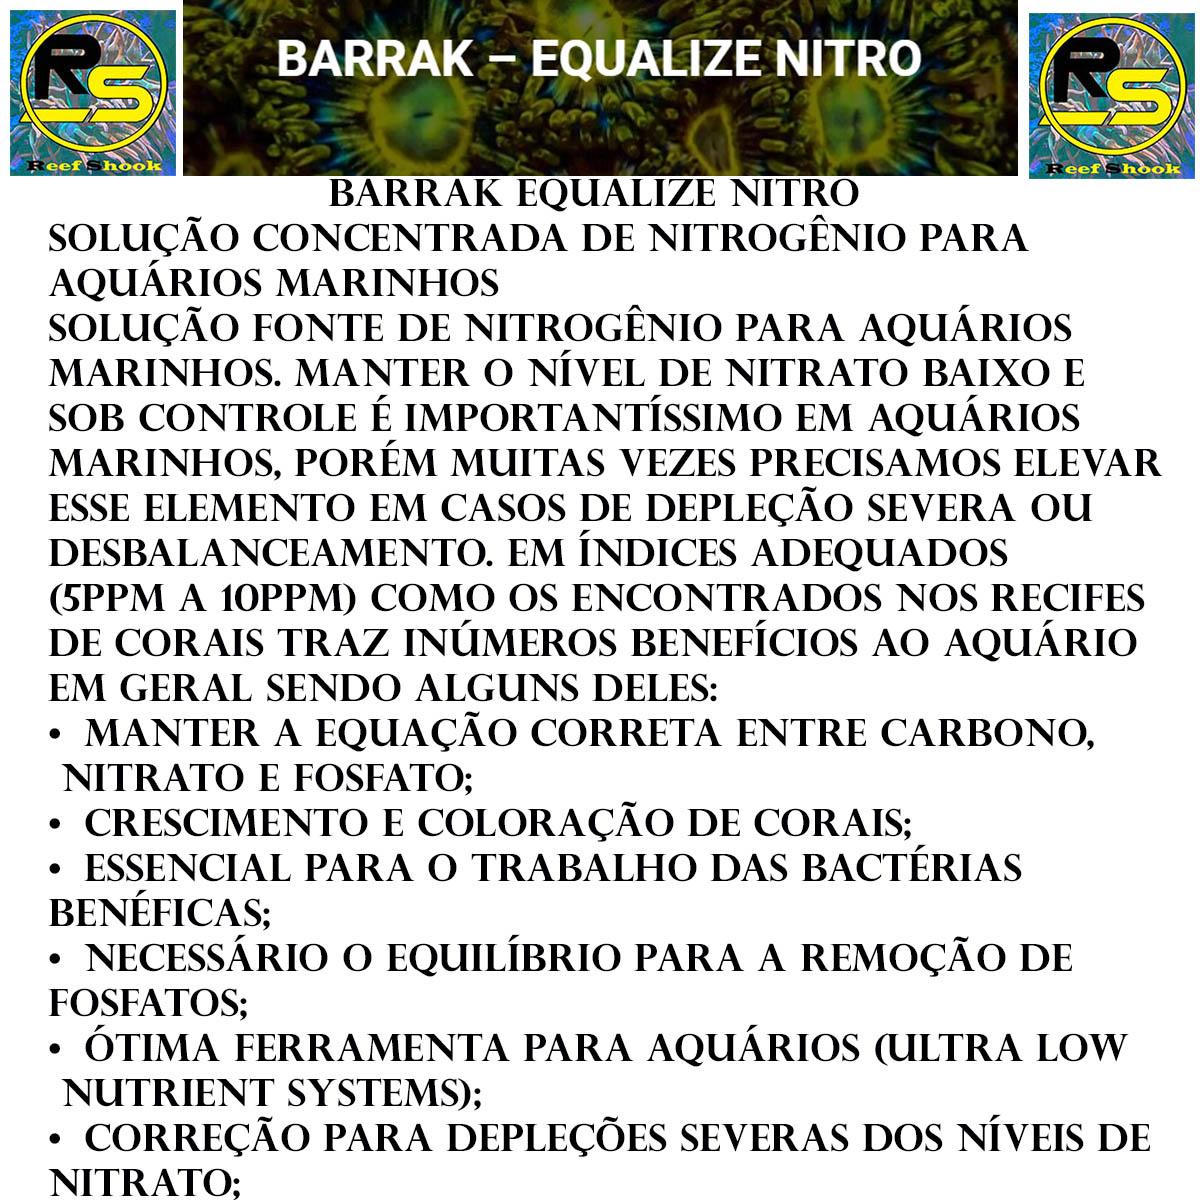 Barrak Equalize Nitro Nitrato para Aquario Marinho